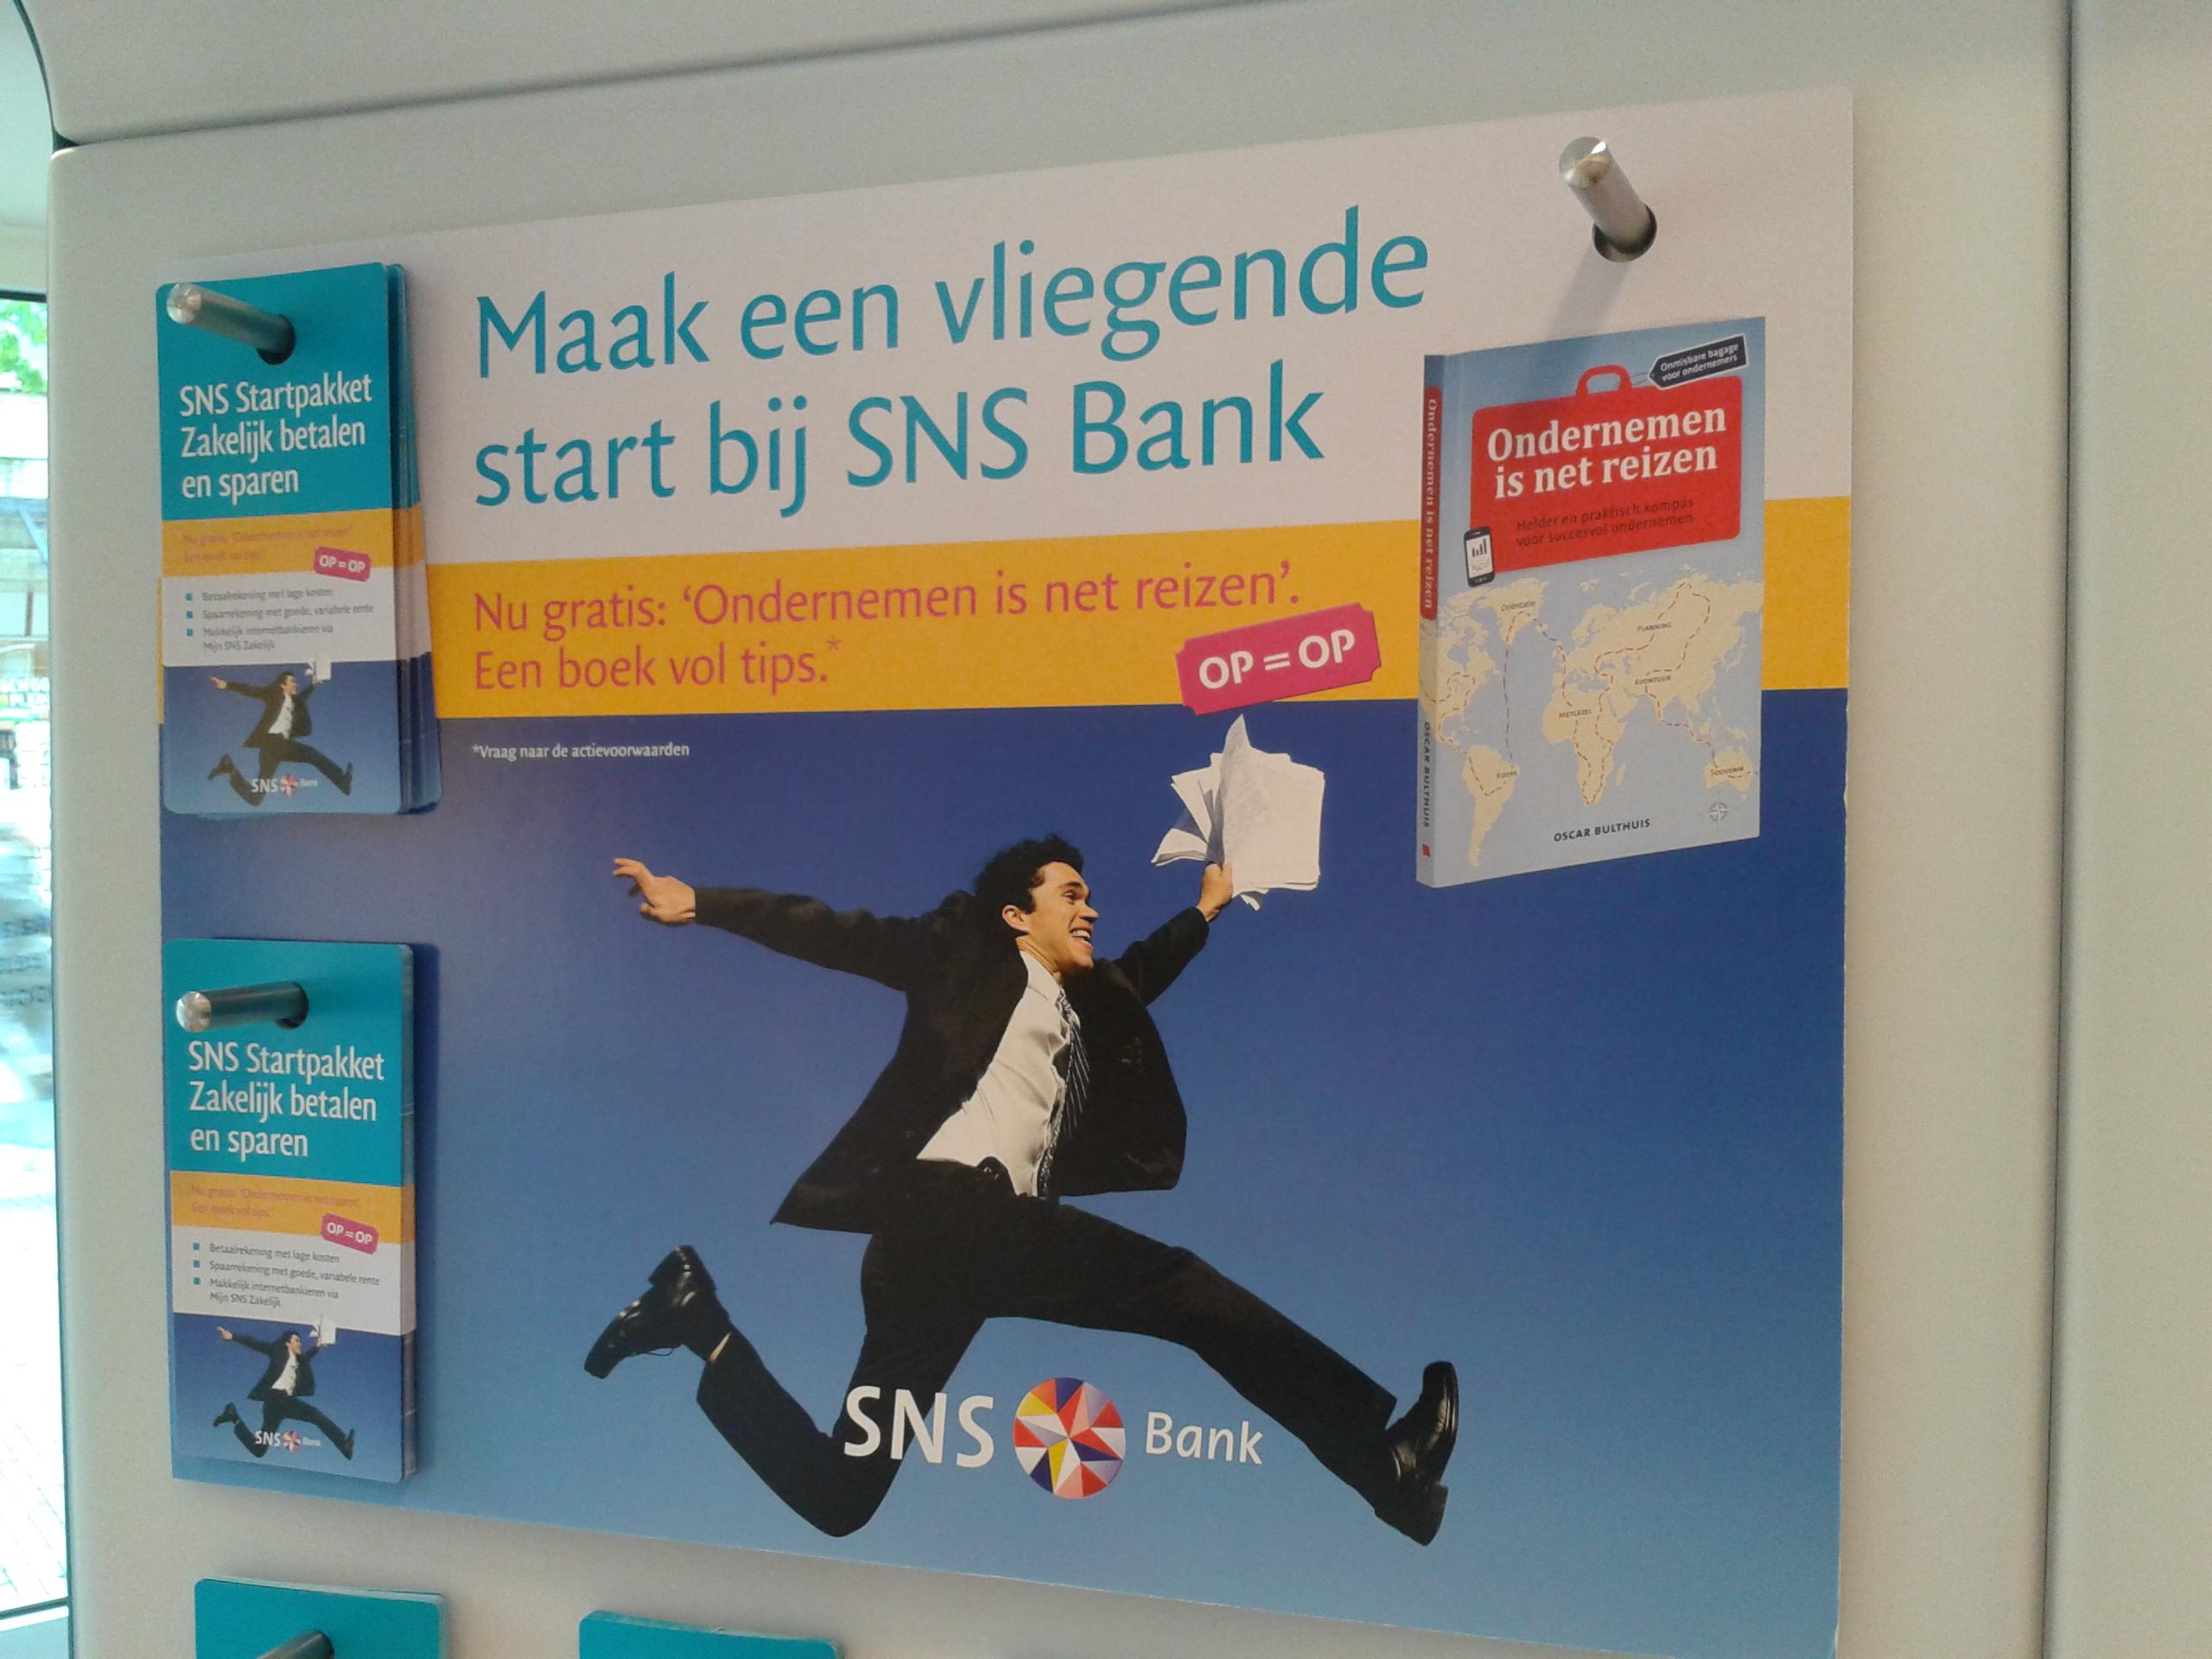 SNS Bank promoot Ondernemen is net reizen